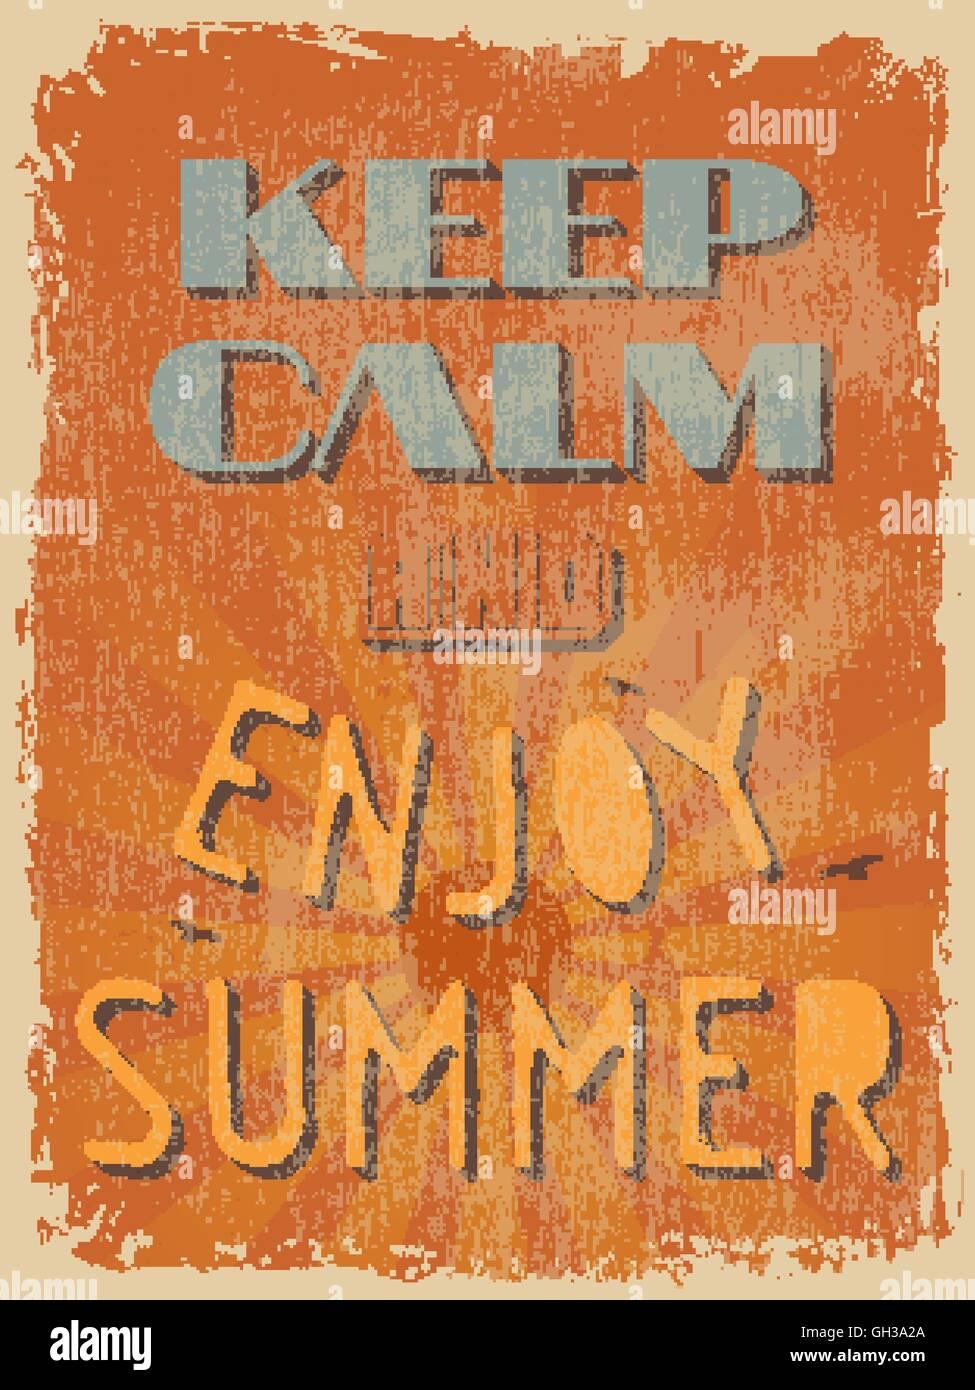 Vintage Retro Póster de cotización de motivación. Mantener la calma y disfrutar del verano. Ilustración Imagen De Stock